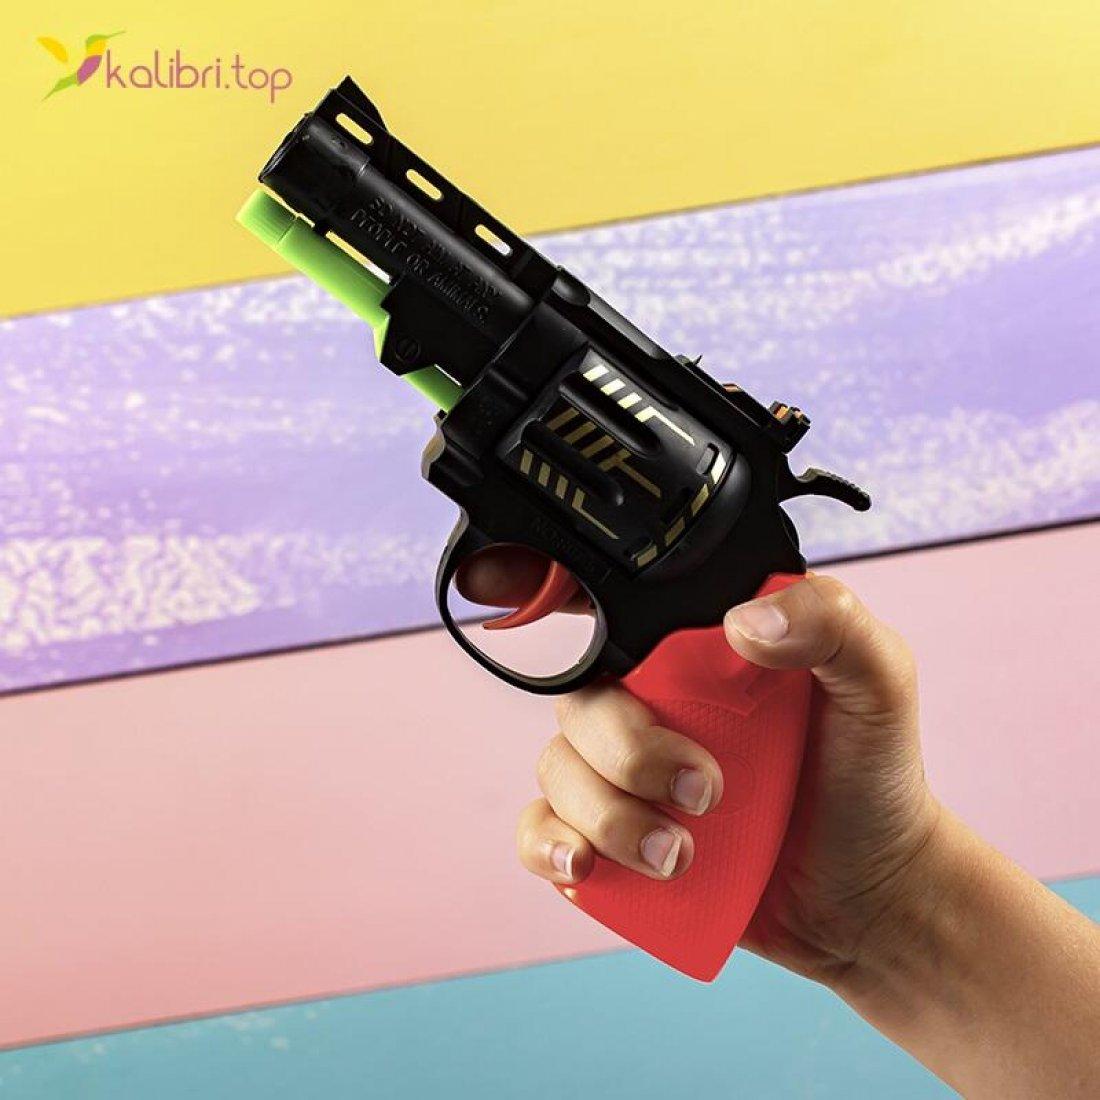 Детский пистолет стреляющий орбизами Револьвер оптом фото 19